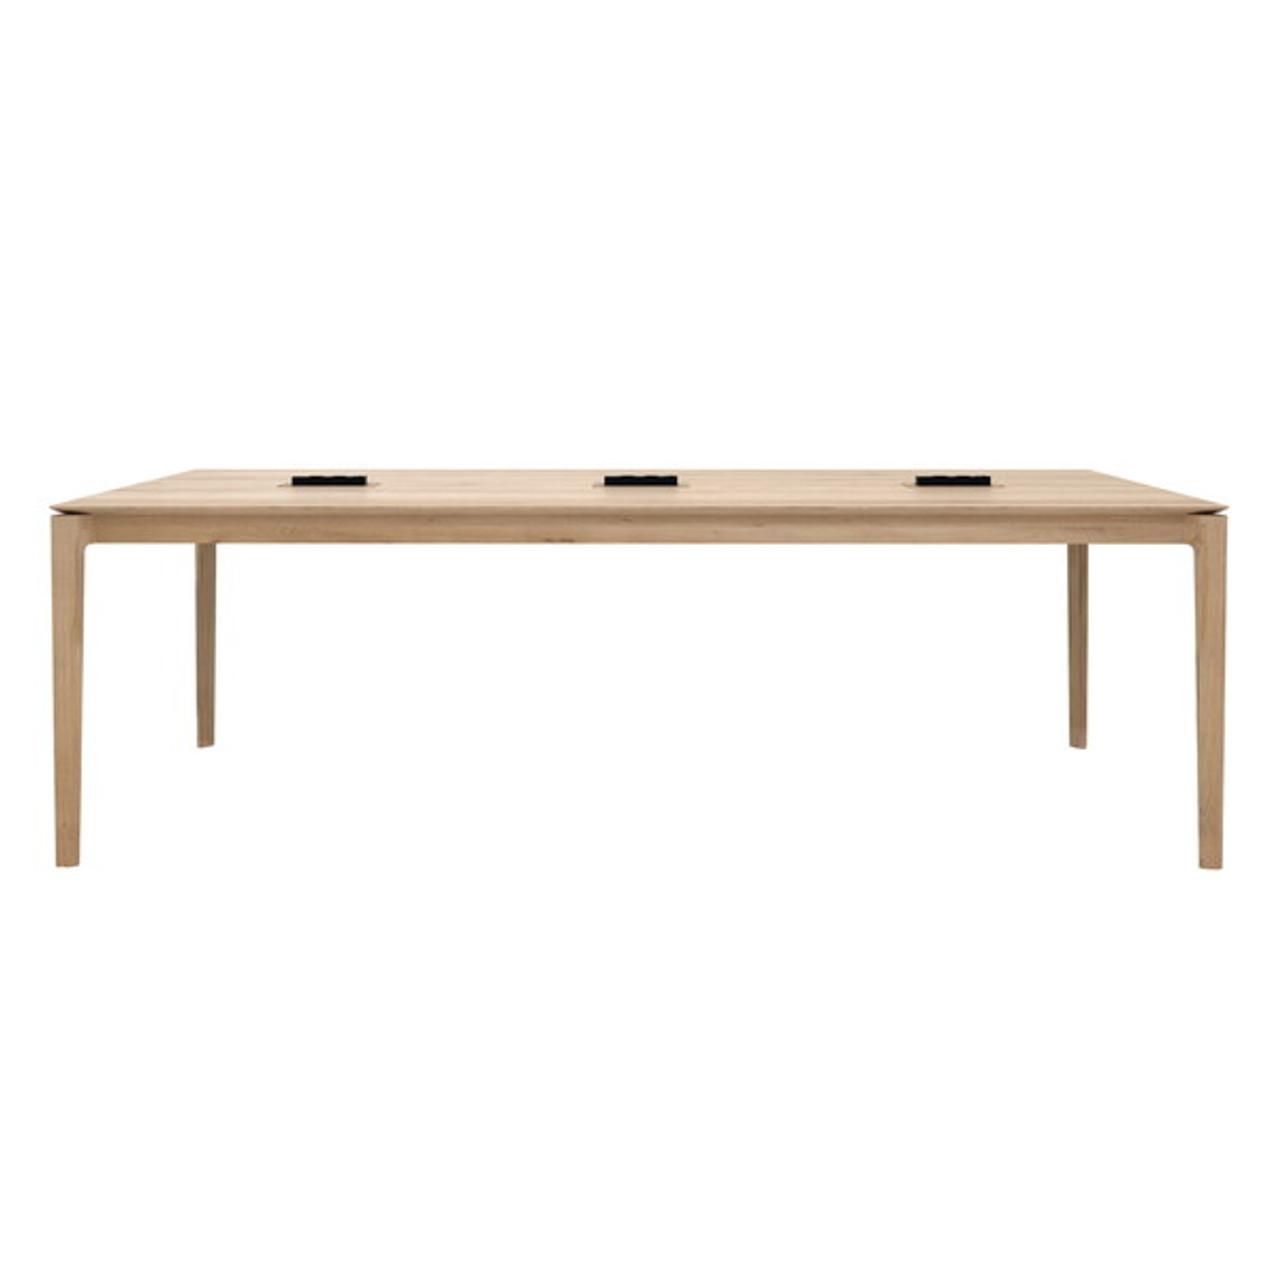 Oak Bok Cowork Desk Communal Table with Power